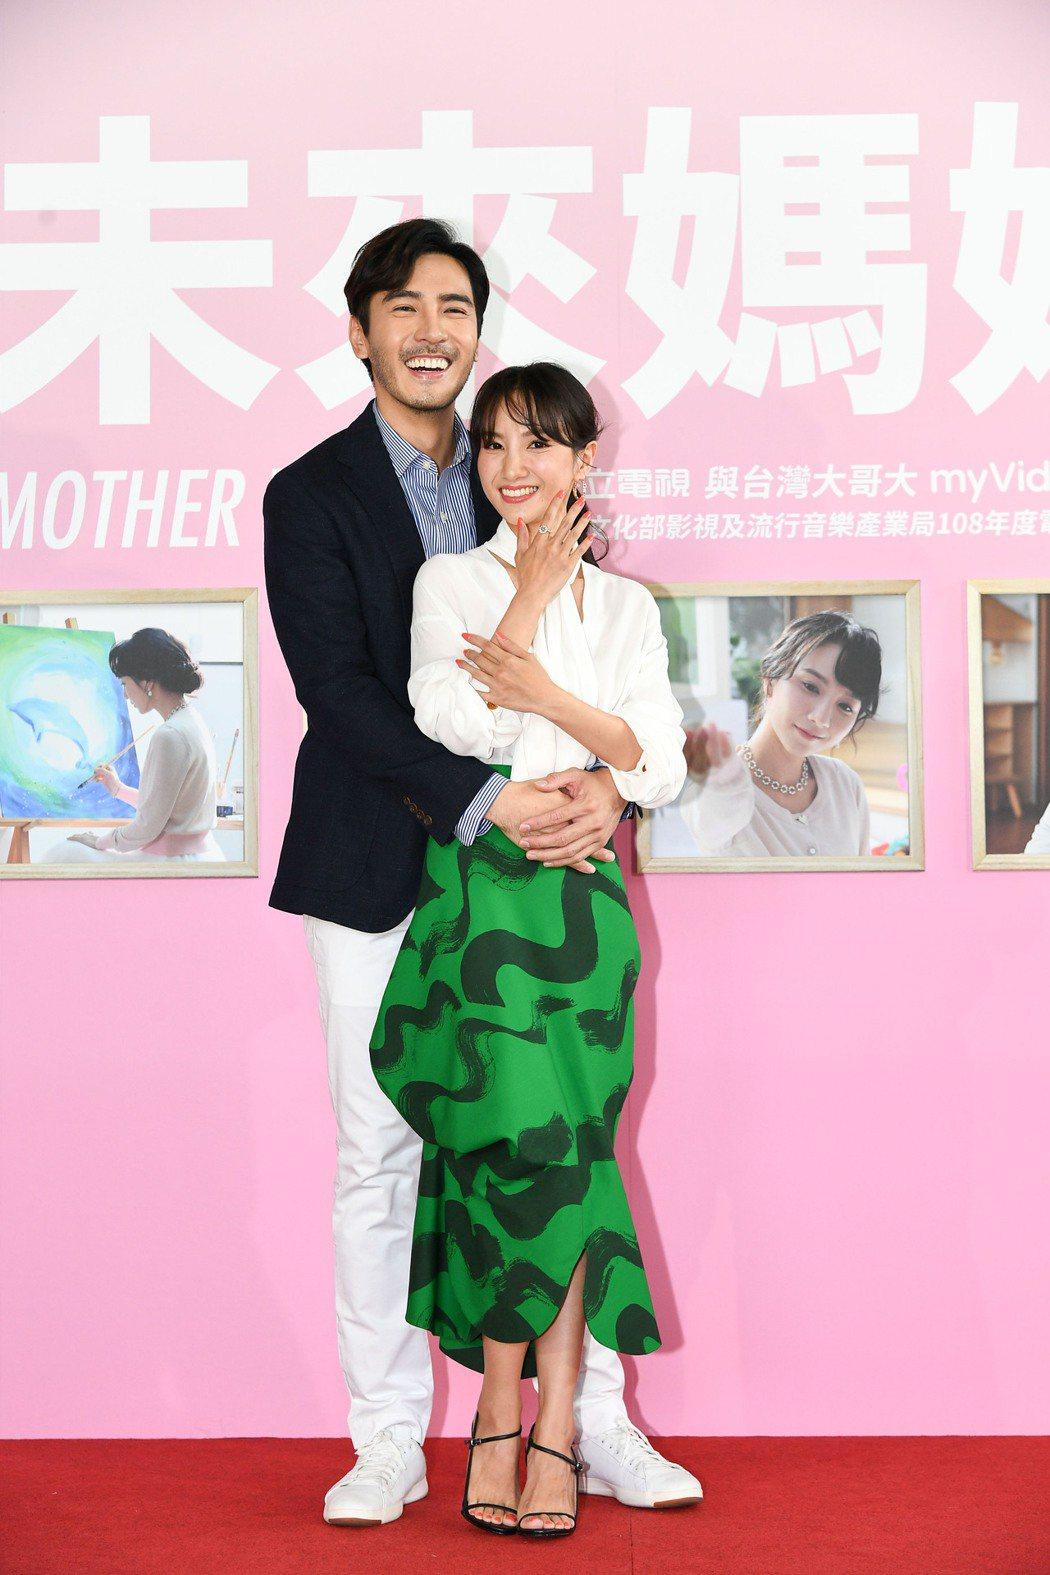 李至正(左)和張甯在「未來媽媽」中演一對豪門不孕夫妻。圖/三立提供